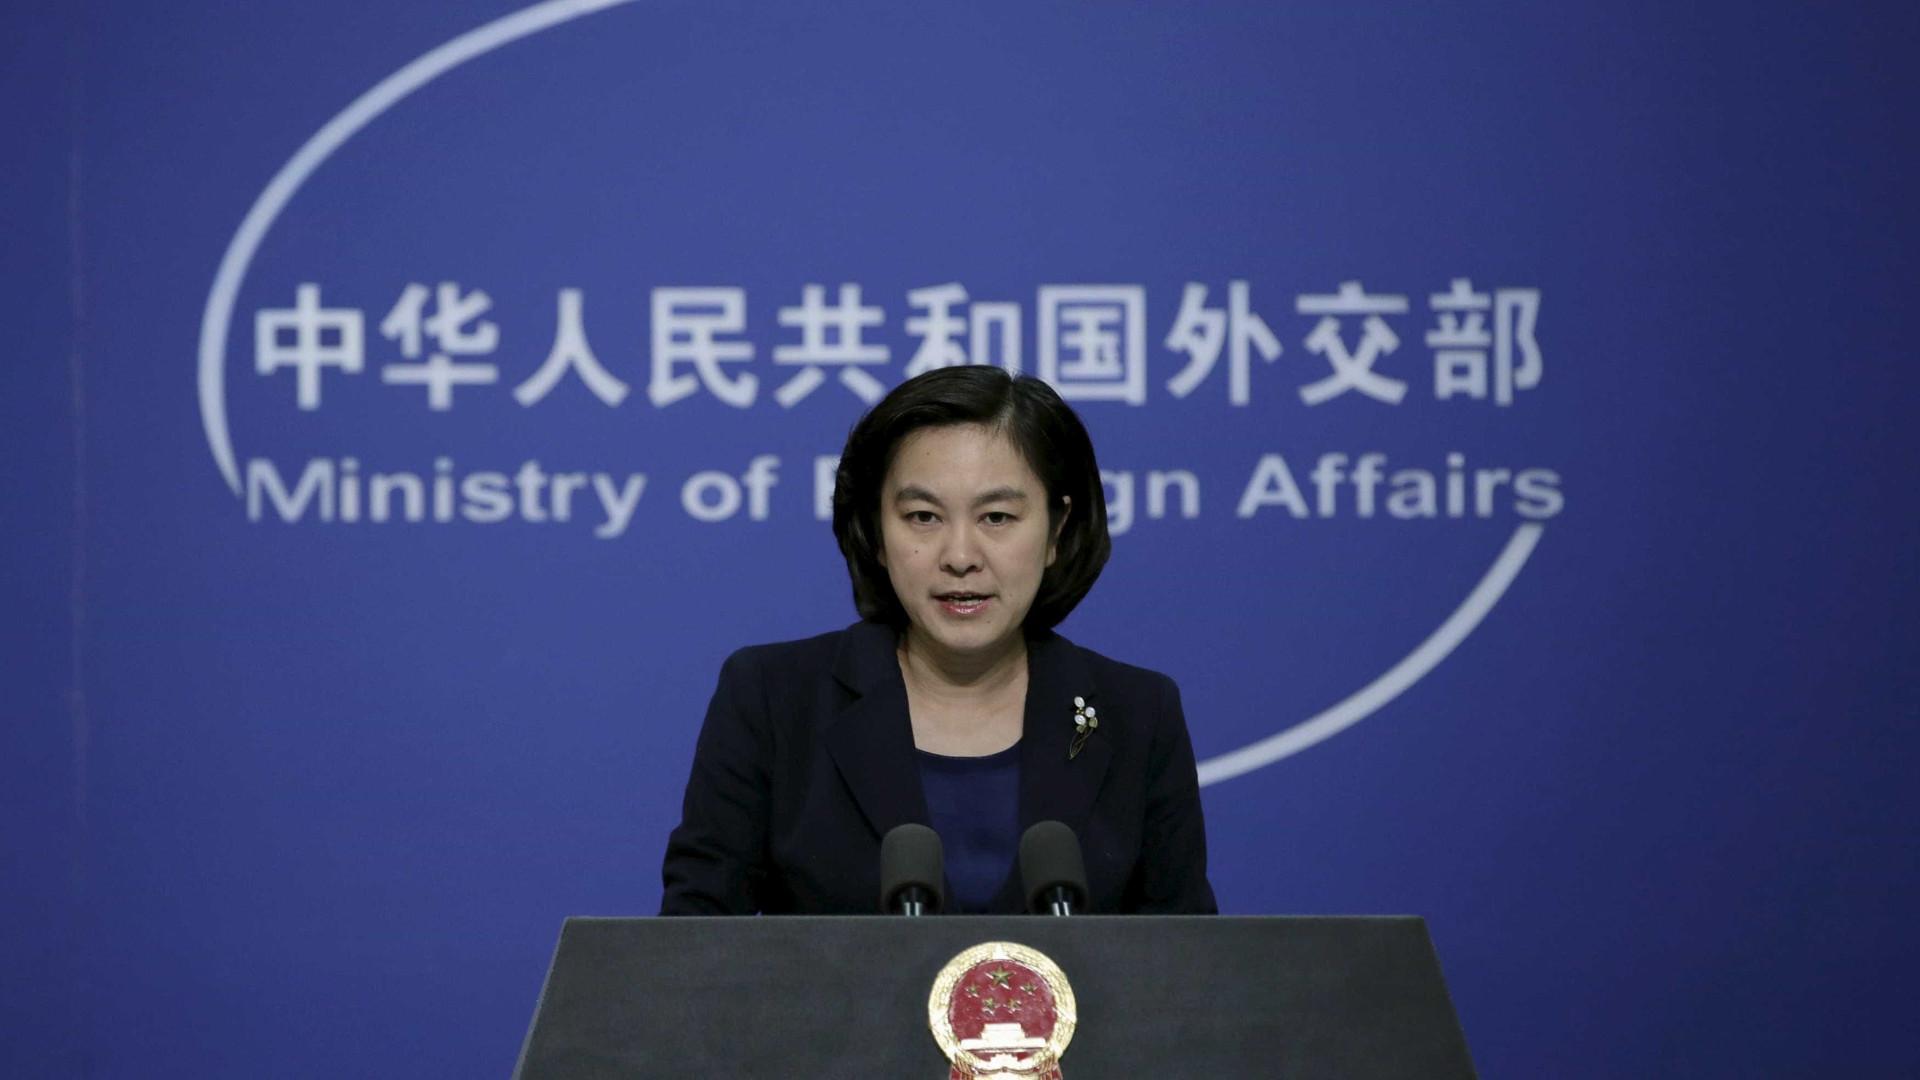 Protecionismo comercial dos EUA prejudica todos os países, diz China